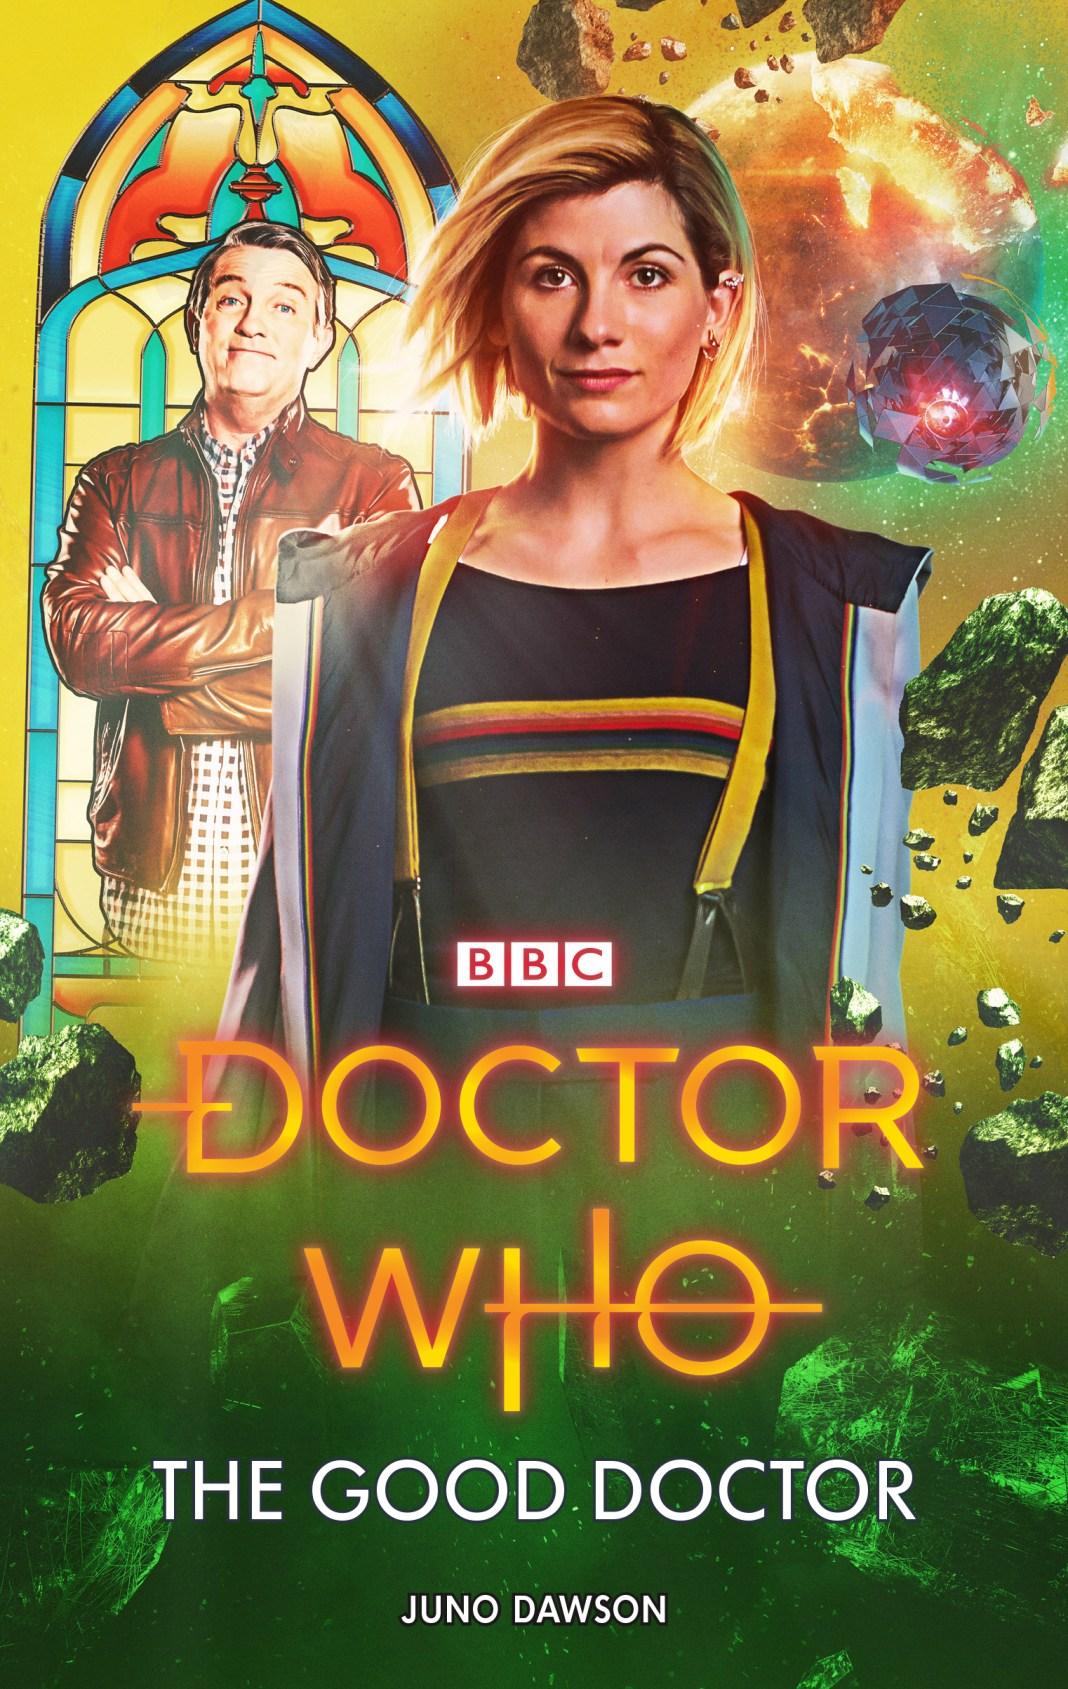 The Good Doctor - Juno Dawson - (c) BBC Books